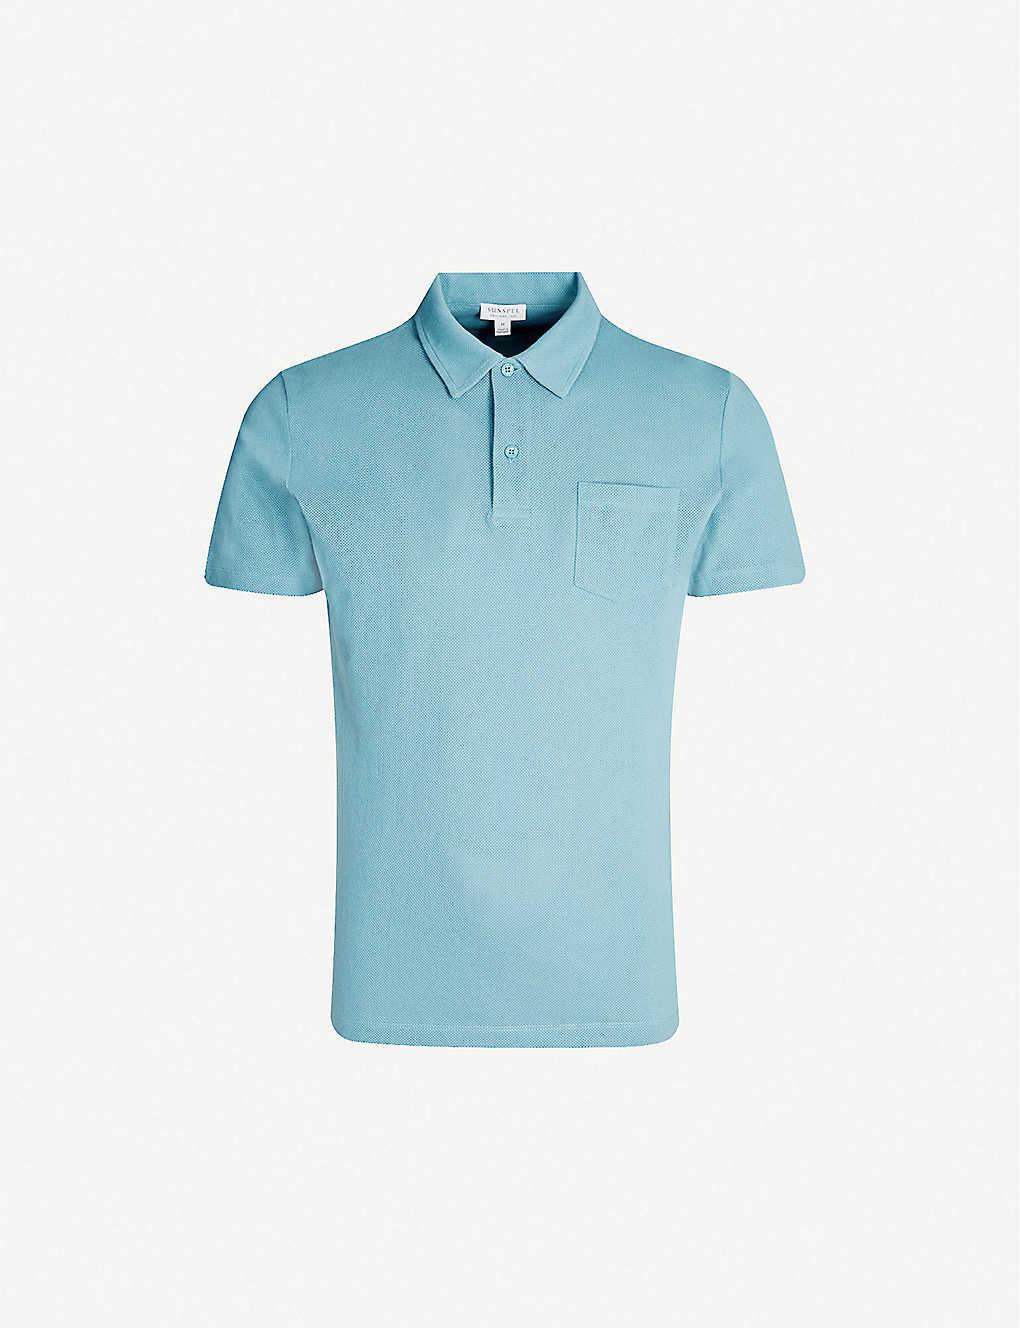 ee95d7d2e SUNSPEL - Riviera cotton-mesh polo shirt